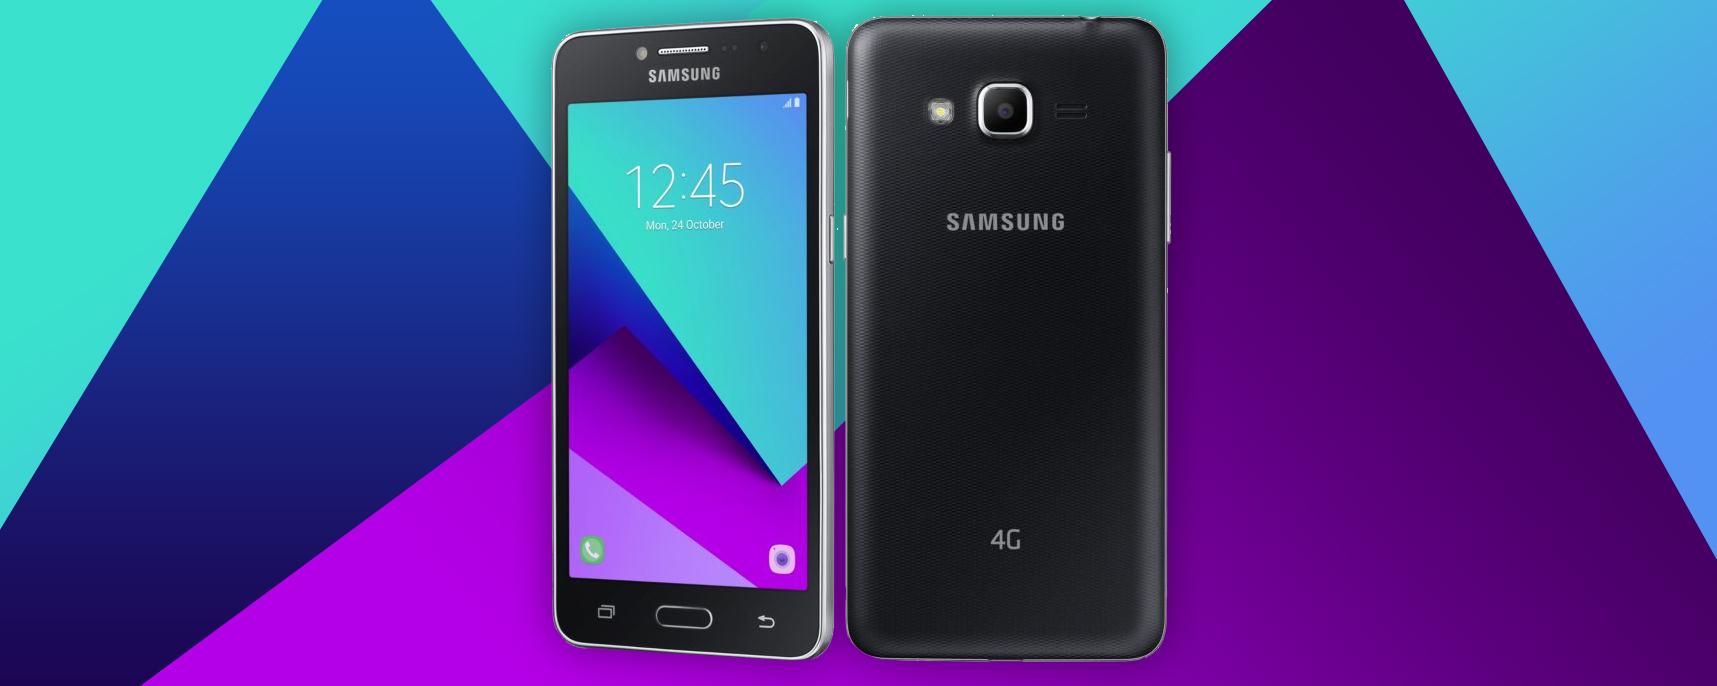 Samsung Galaxy J2 Ace anunciado, un gama baja con SoC MediaTek